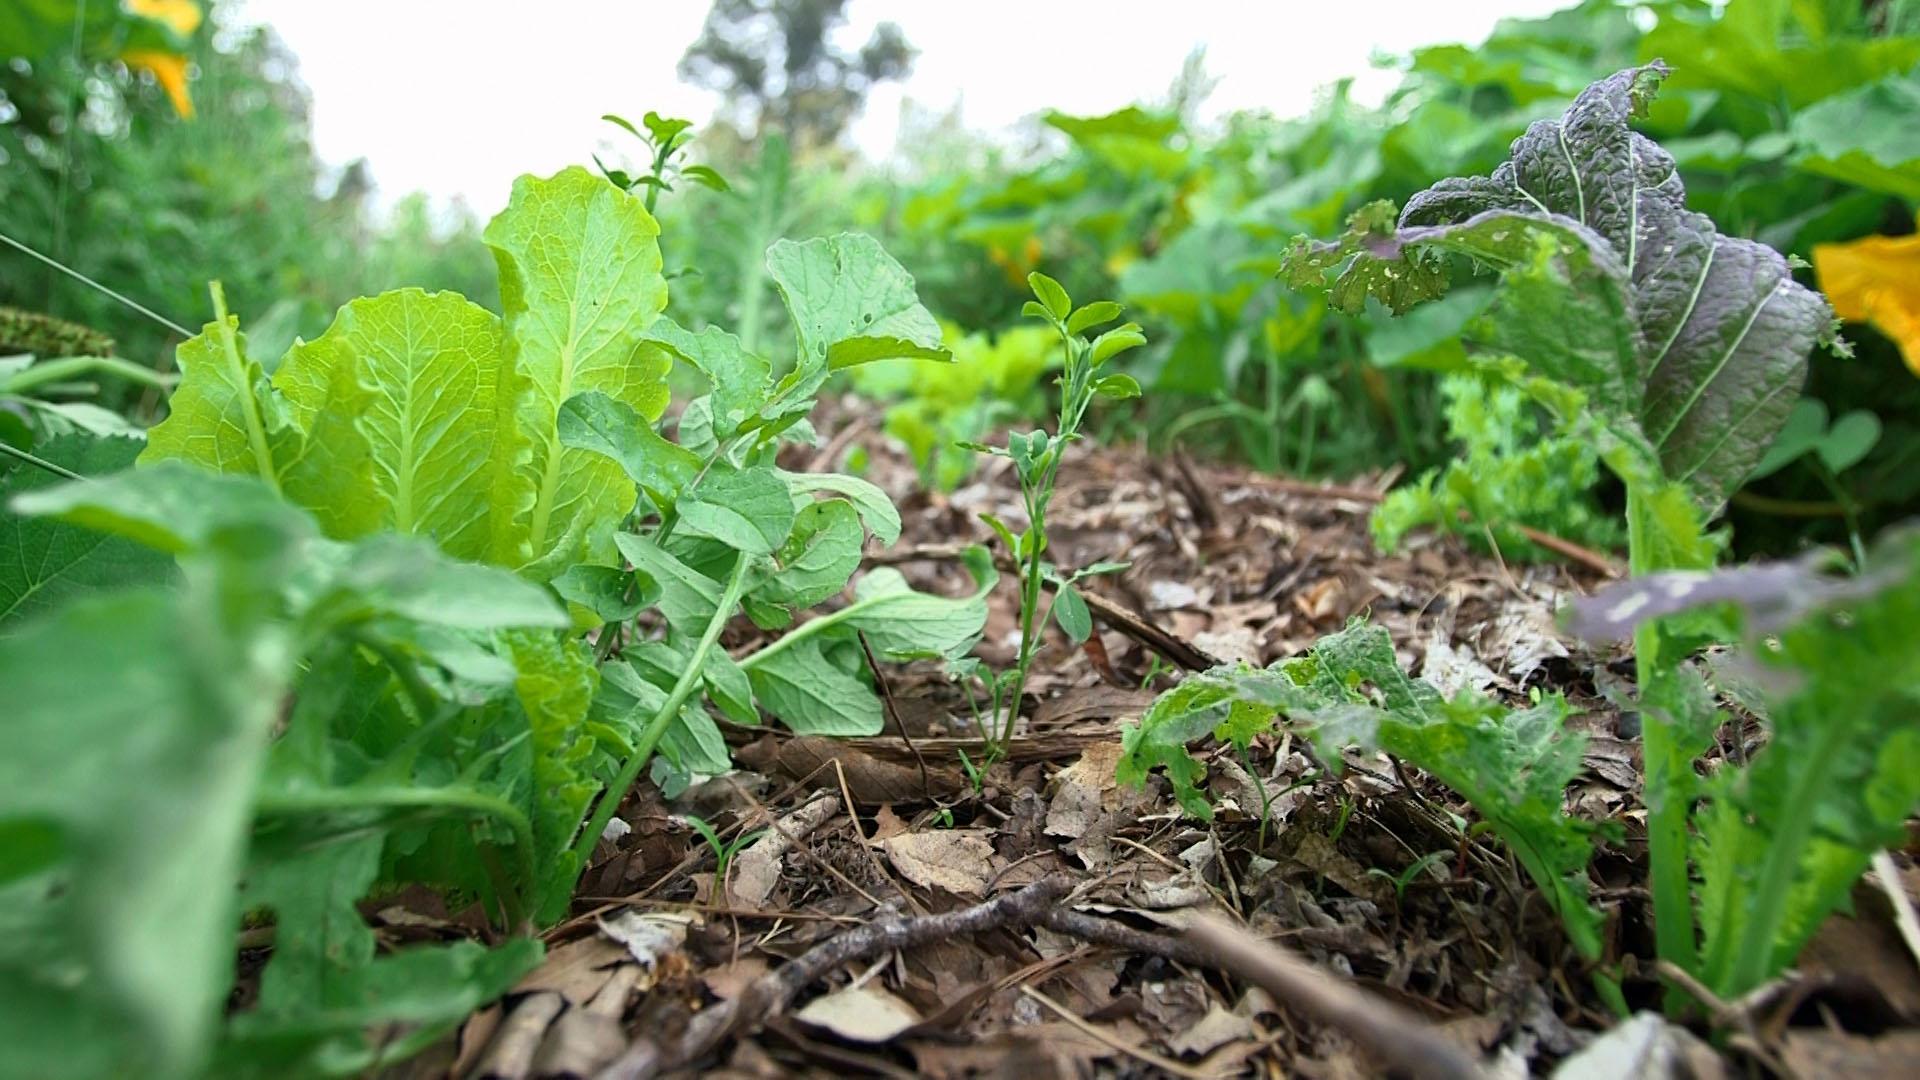 Hojarasca y zacate, residuos del campo que enriquecen la tierra